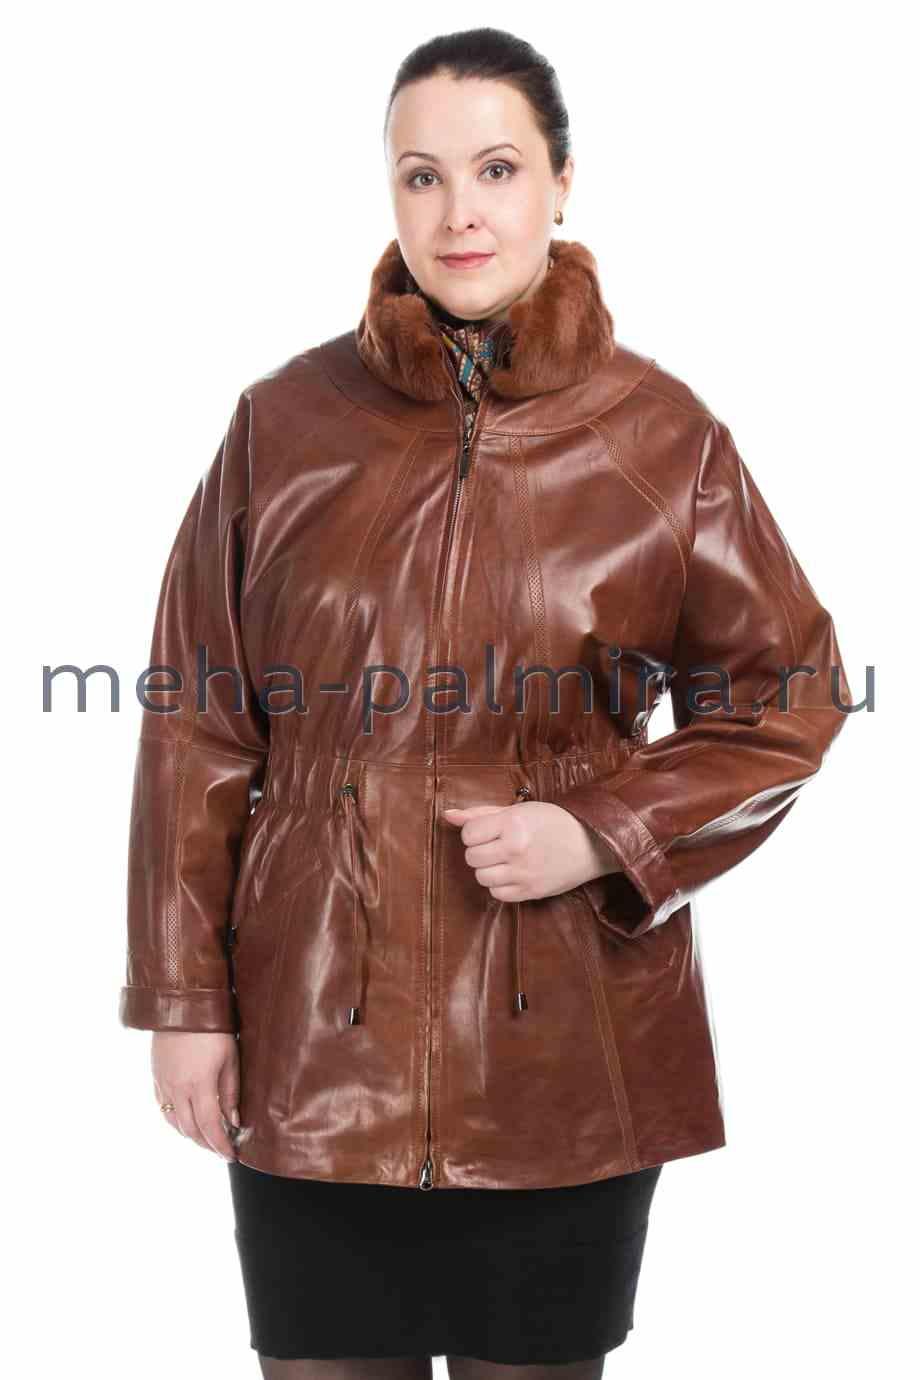 Женская куртка из натуральной кожи с воротником-стойкой из кролика, цвет - виски